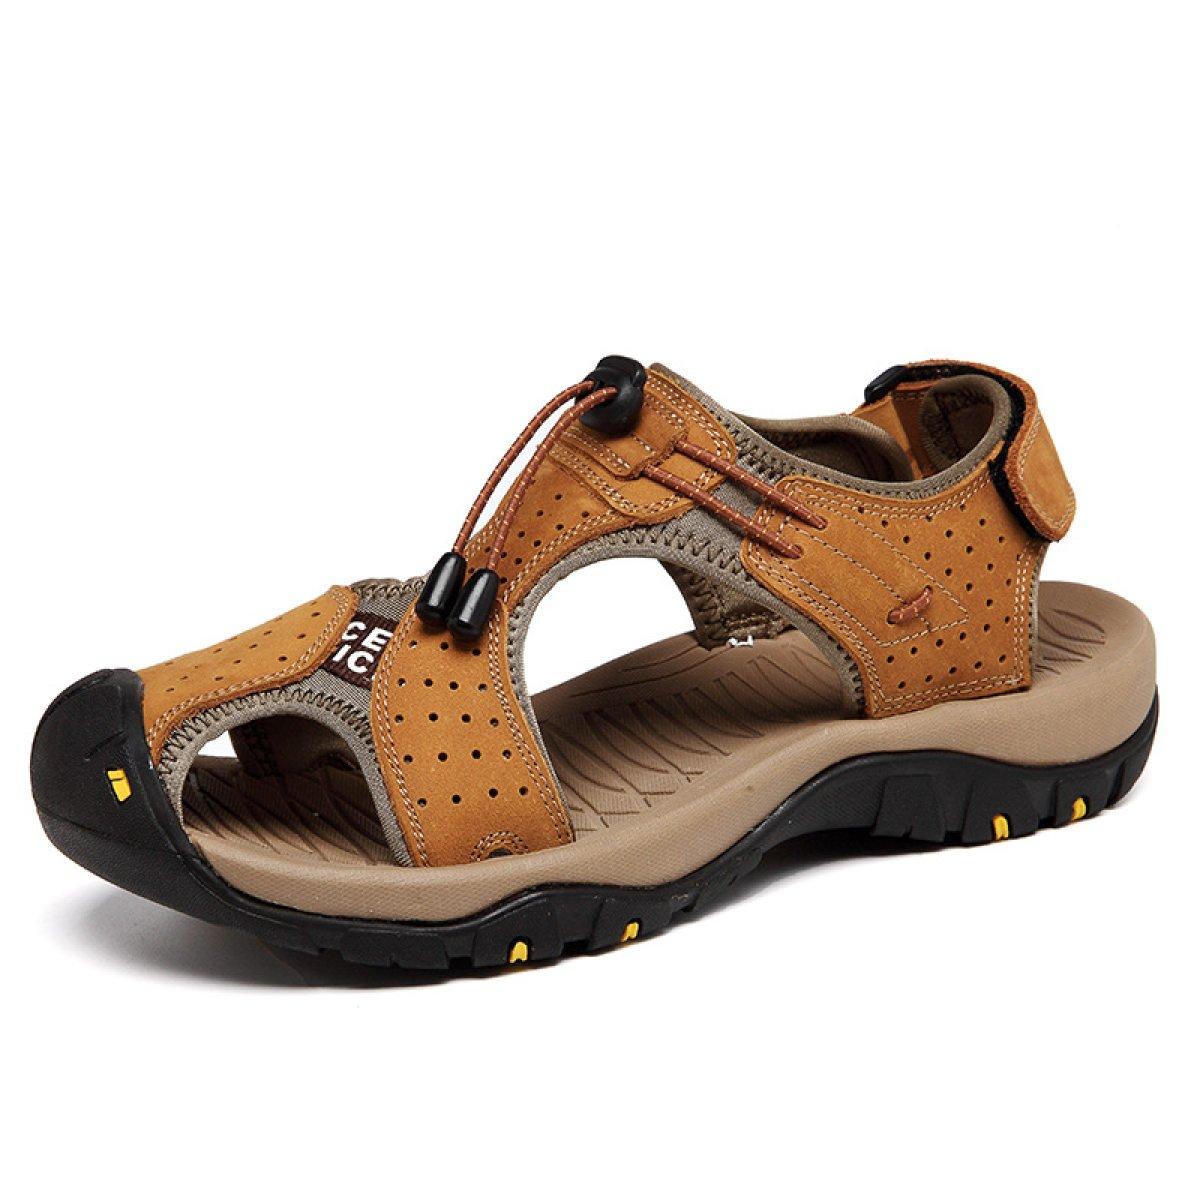 LYZGF Hombres Jóvenes Verano Casual Moda Playa Sandalias Velcro,Brown-38 38|Brown